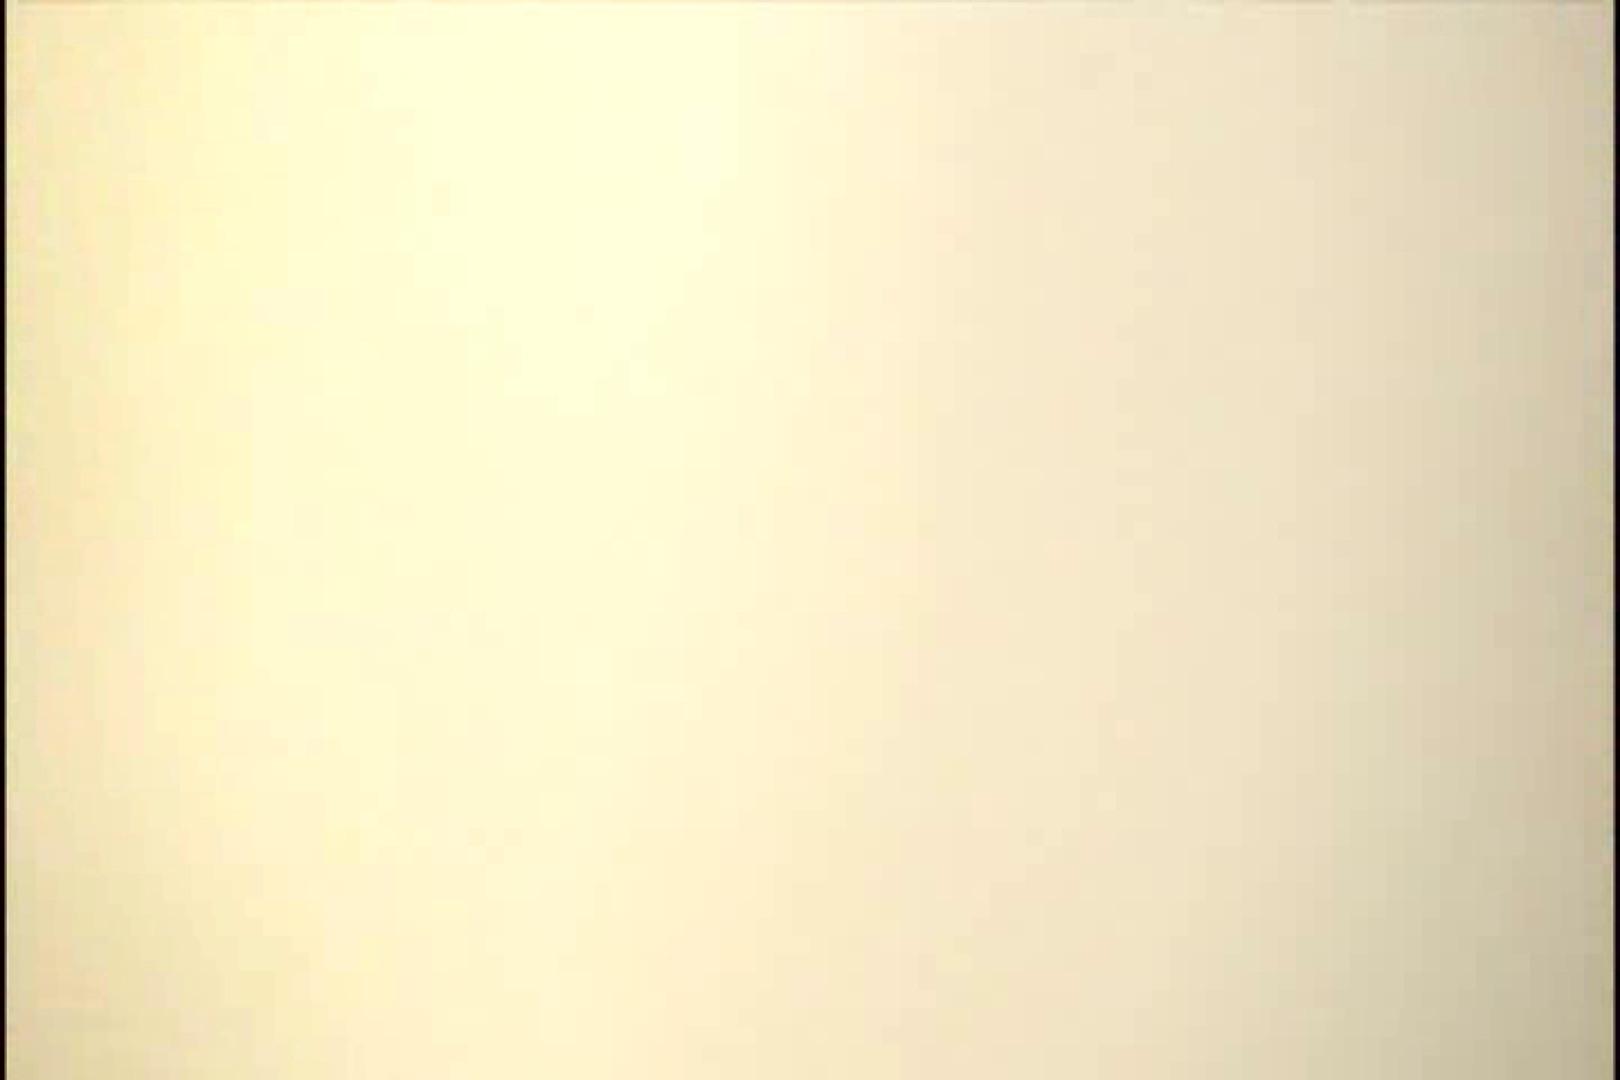 マンコ丸見え女子洗面所Vol.26 丸見え | マンコ無修正  89画像 13